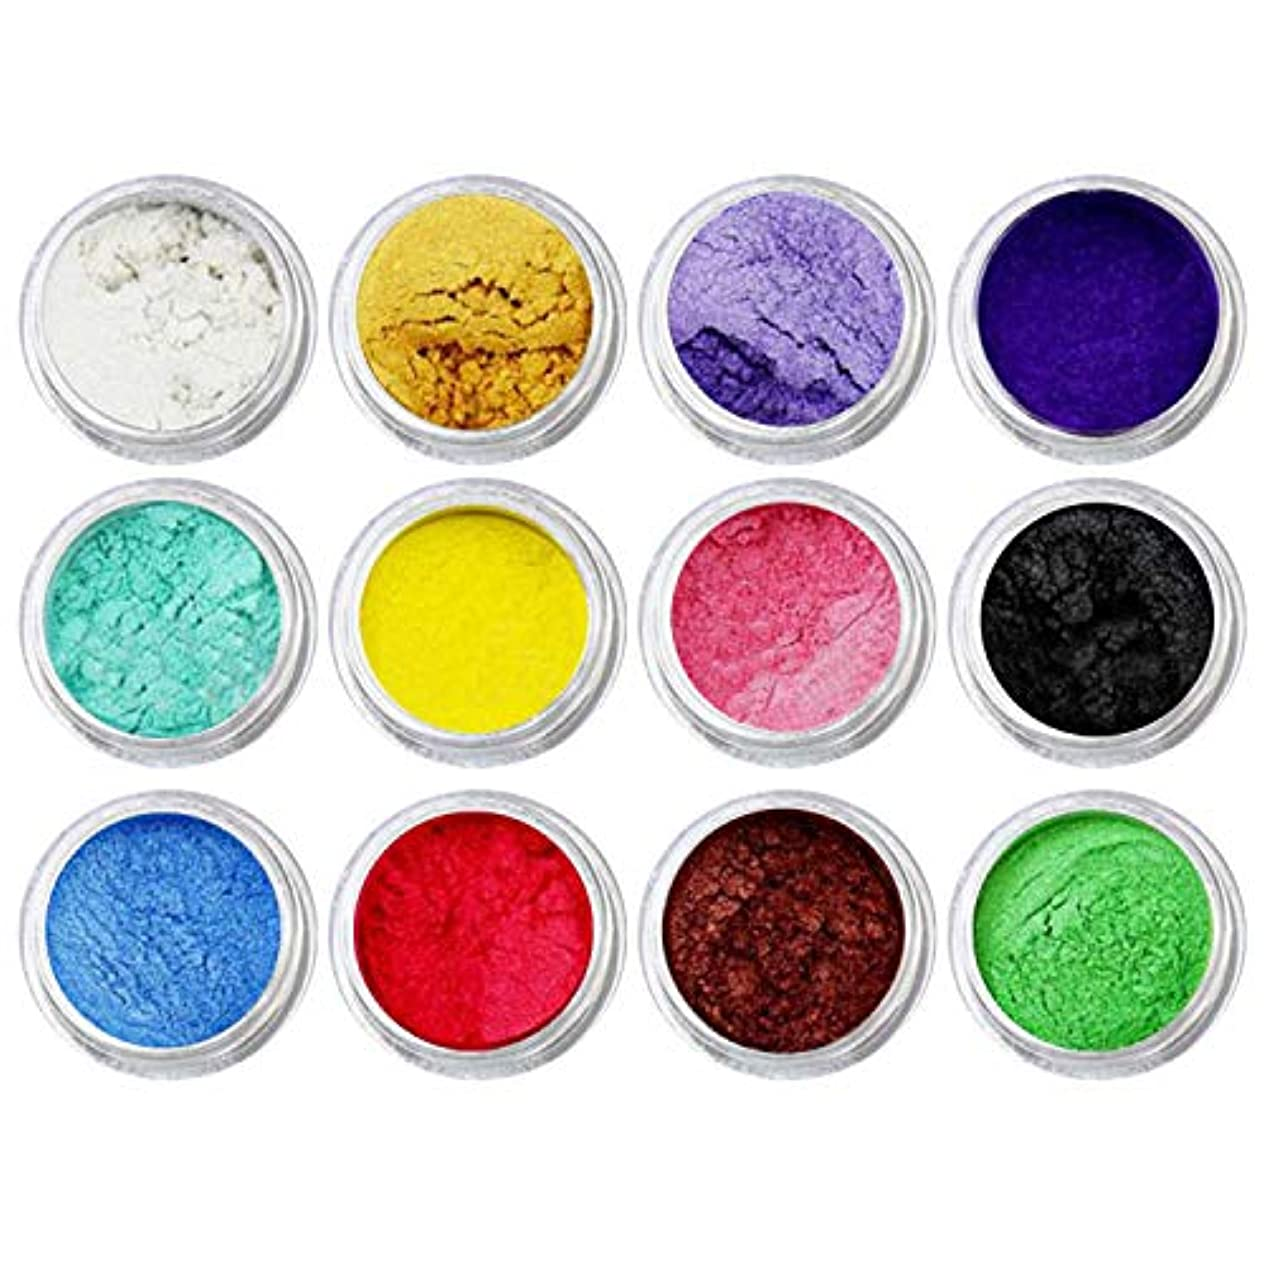 荒涼とした寛解粘着性DIYネイルアートクラフトプロジェクトスライム作り用品のための12個混合色着色顔料マイカパールパウダー